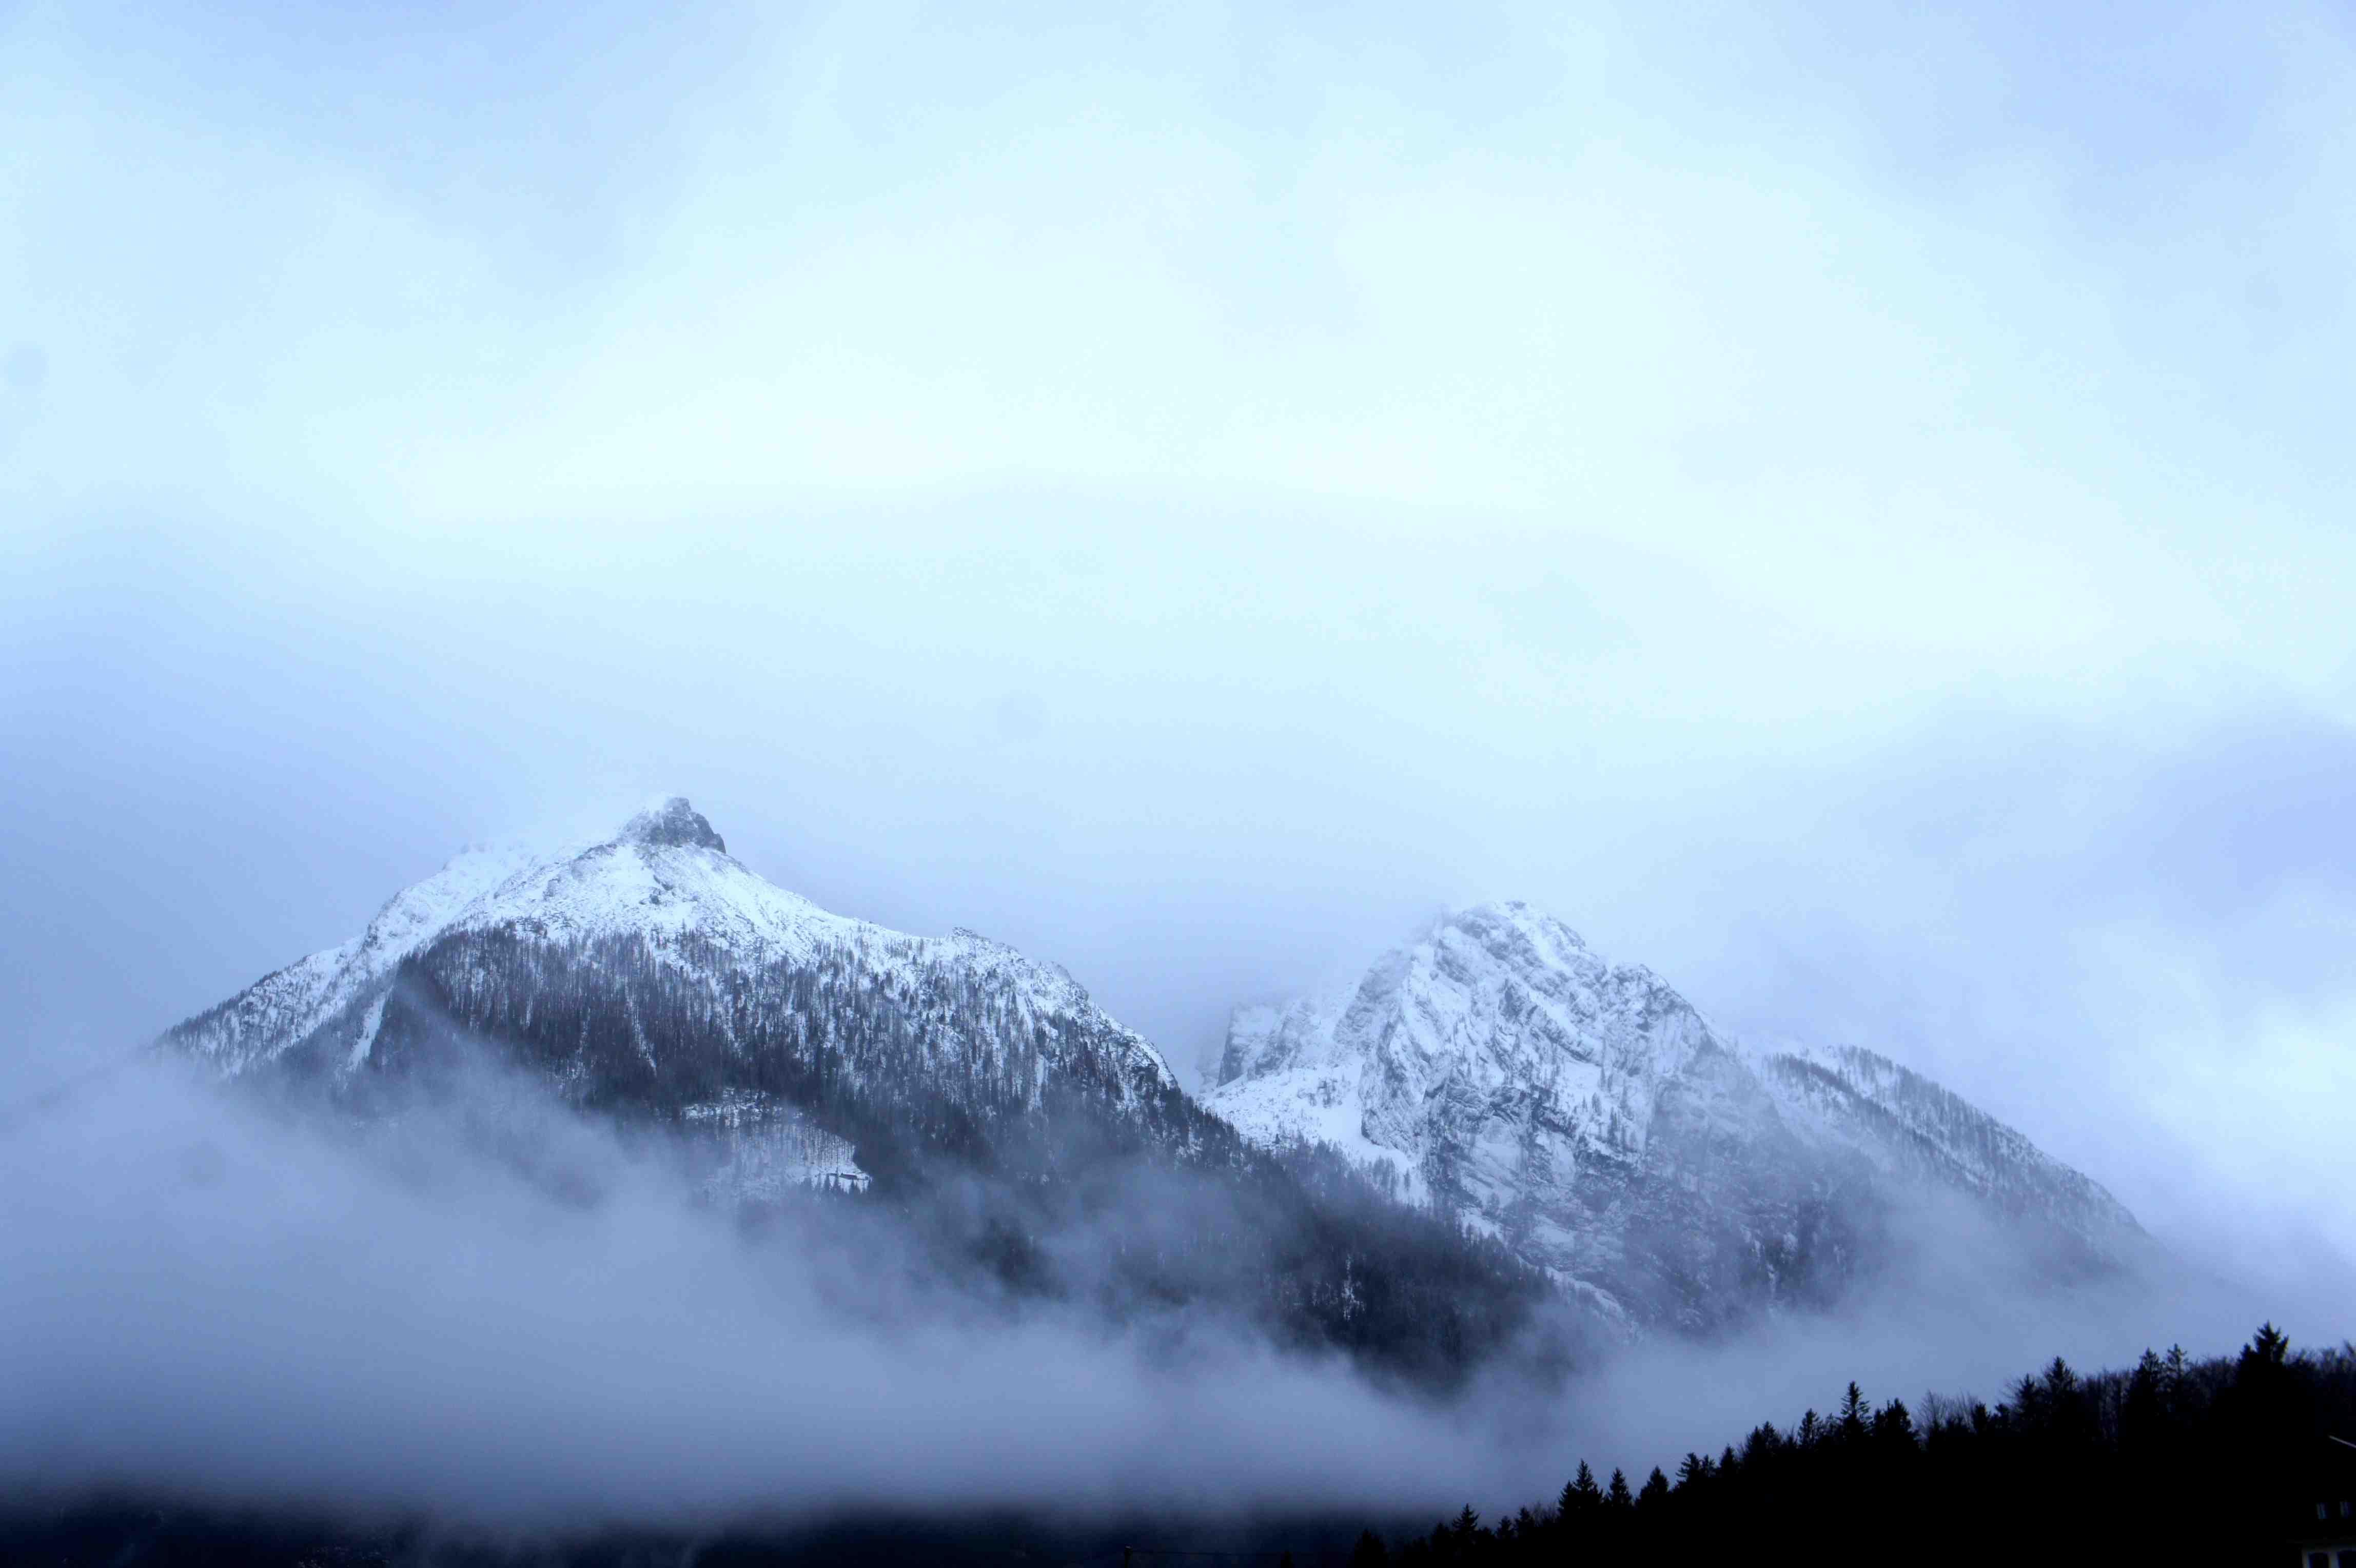 Schlechtes Wetter zum Bergsteigen am Hochkalter. Ideale Bedingungen um die neue Haglöfs Kollektion zu testen. Foto: (c) Kinderoutdoor.de